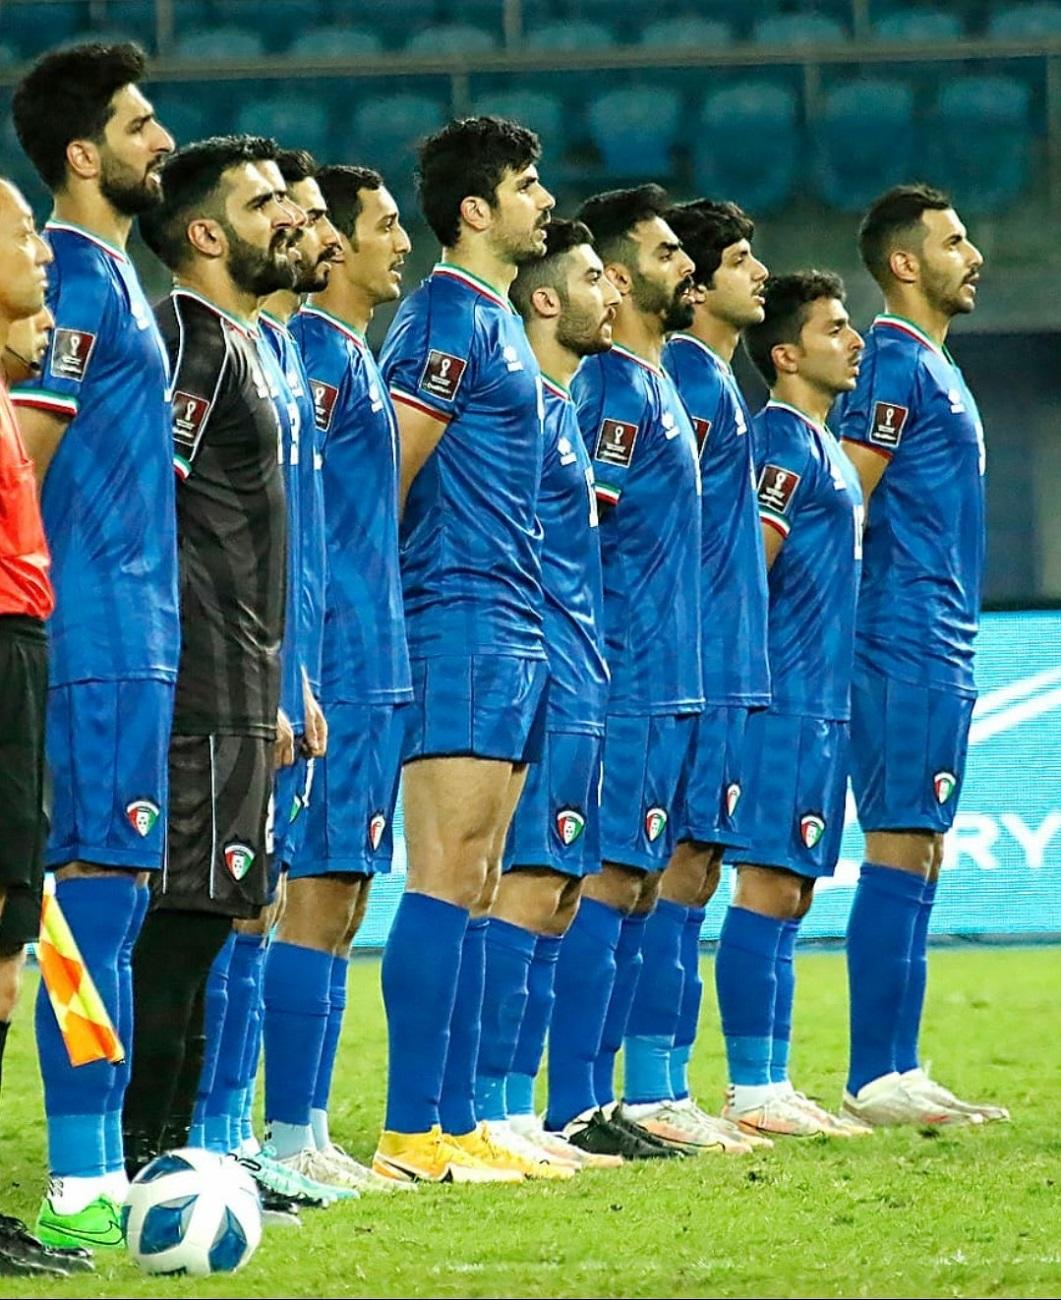 ٢٠٢١٠٦١٠ ١٣٥٢٣٨ - #كاراسكو: نلعب مع الأردن غدًا للفوز والتأهل للدور المقبل من التصفيات المشتركة.  #العبدلي_نيوز